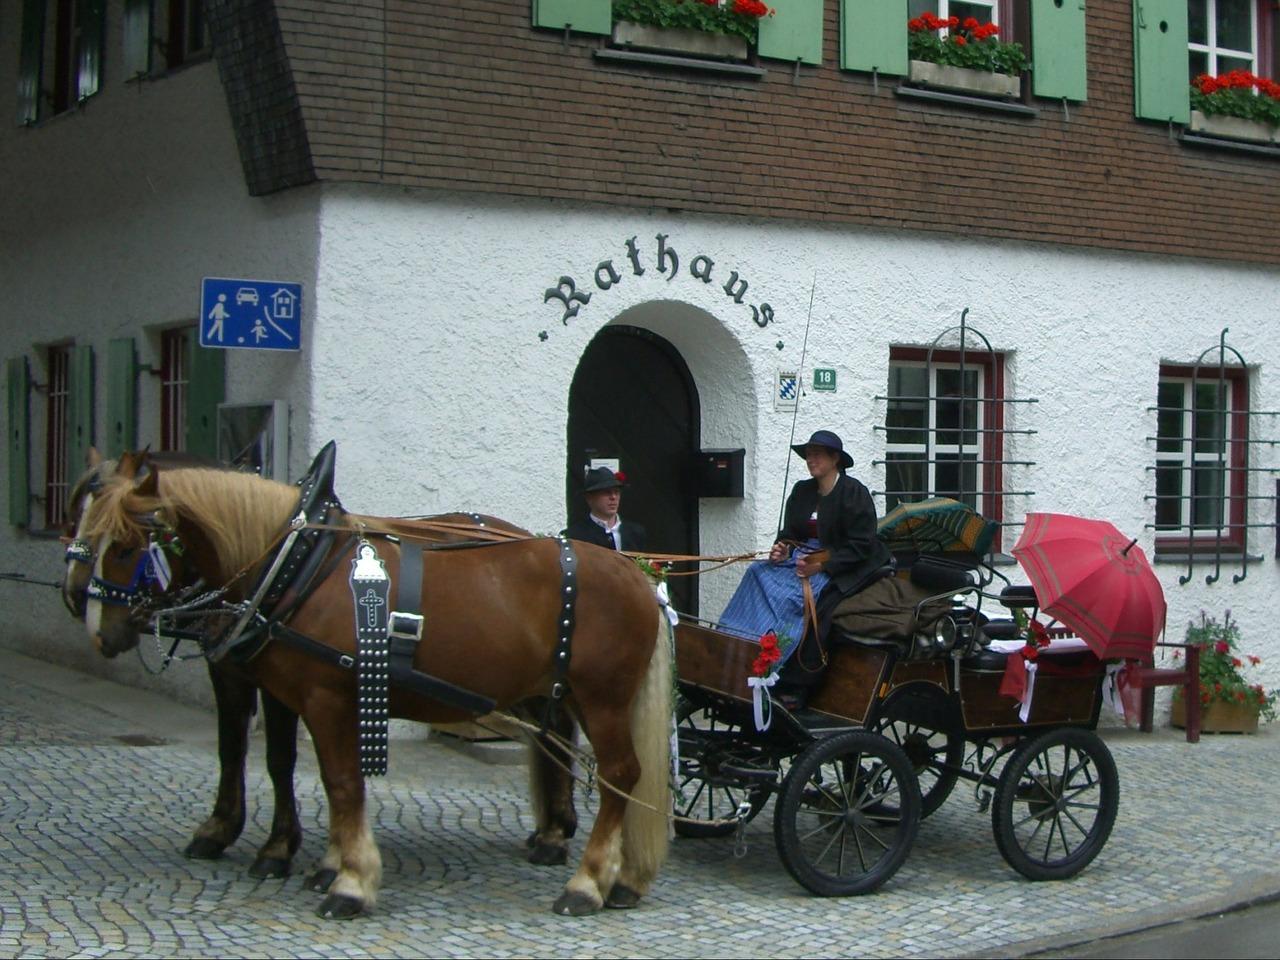 horse-drawn-carriage-252901_1280.jpg